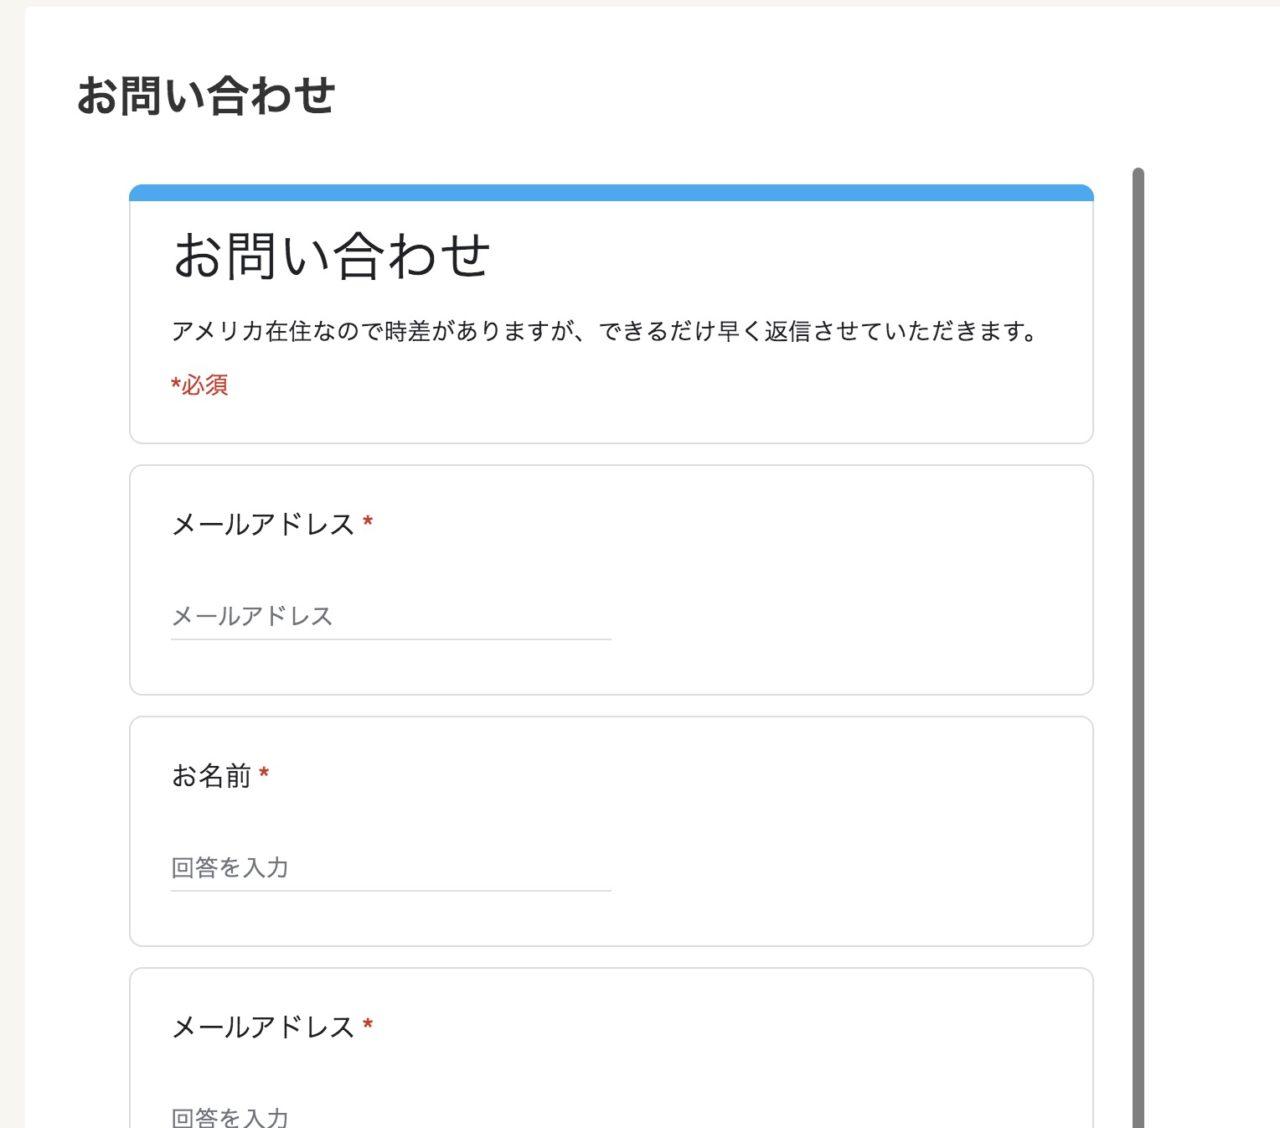 当ブログの問い合わせページ